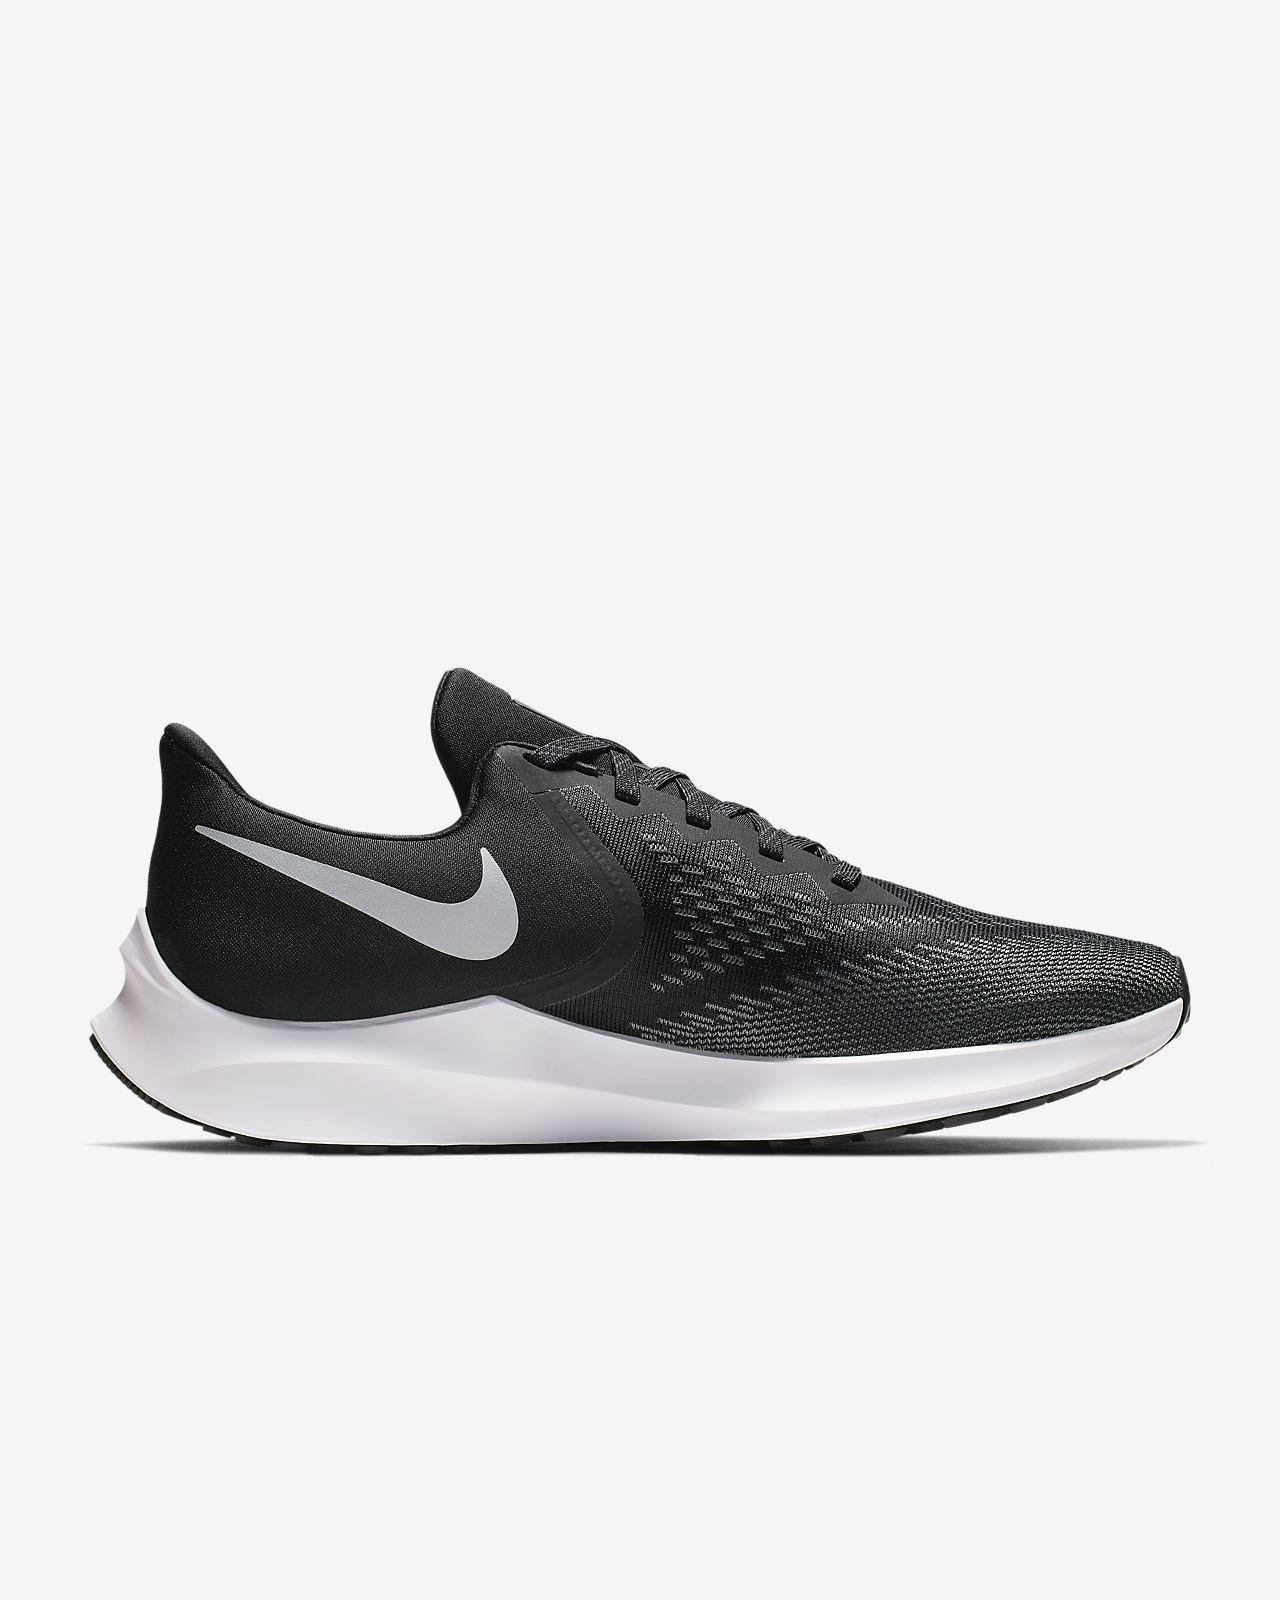 e64b3374cfe8 Nike Air Zoom Winflo 6 Men s Running Shoe. Nike.com GB